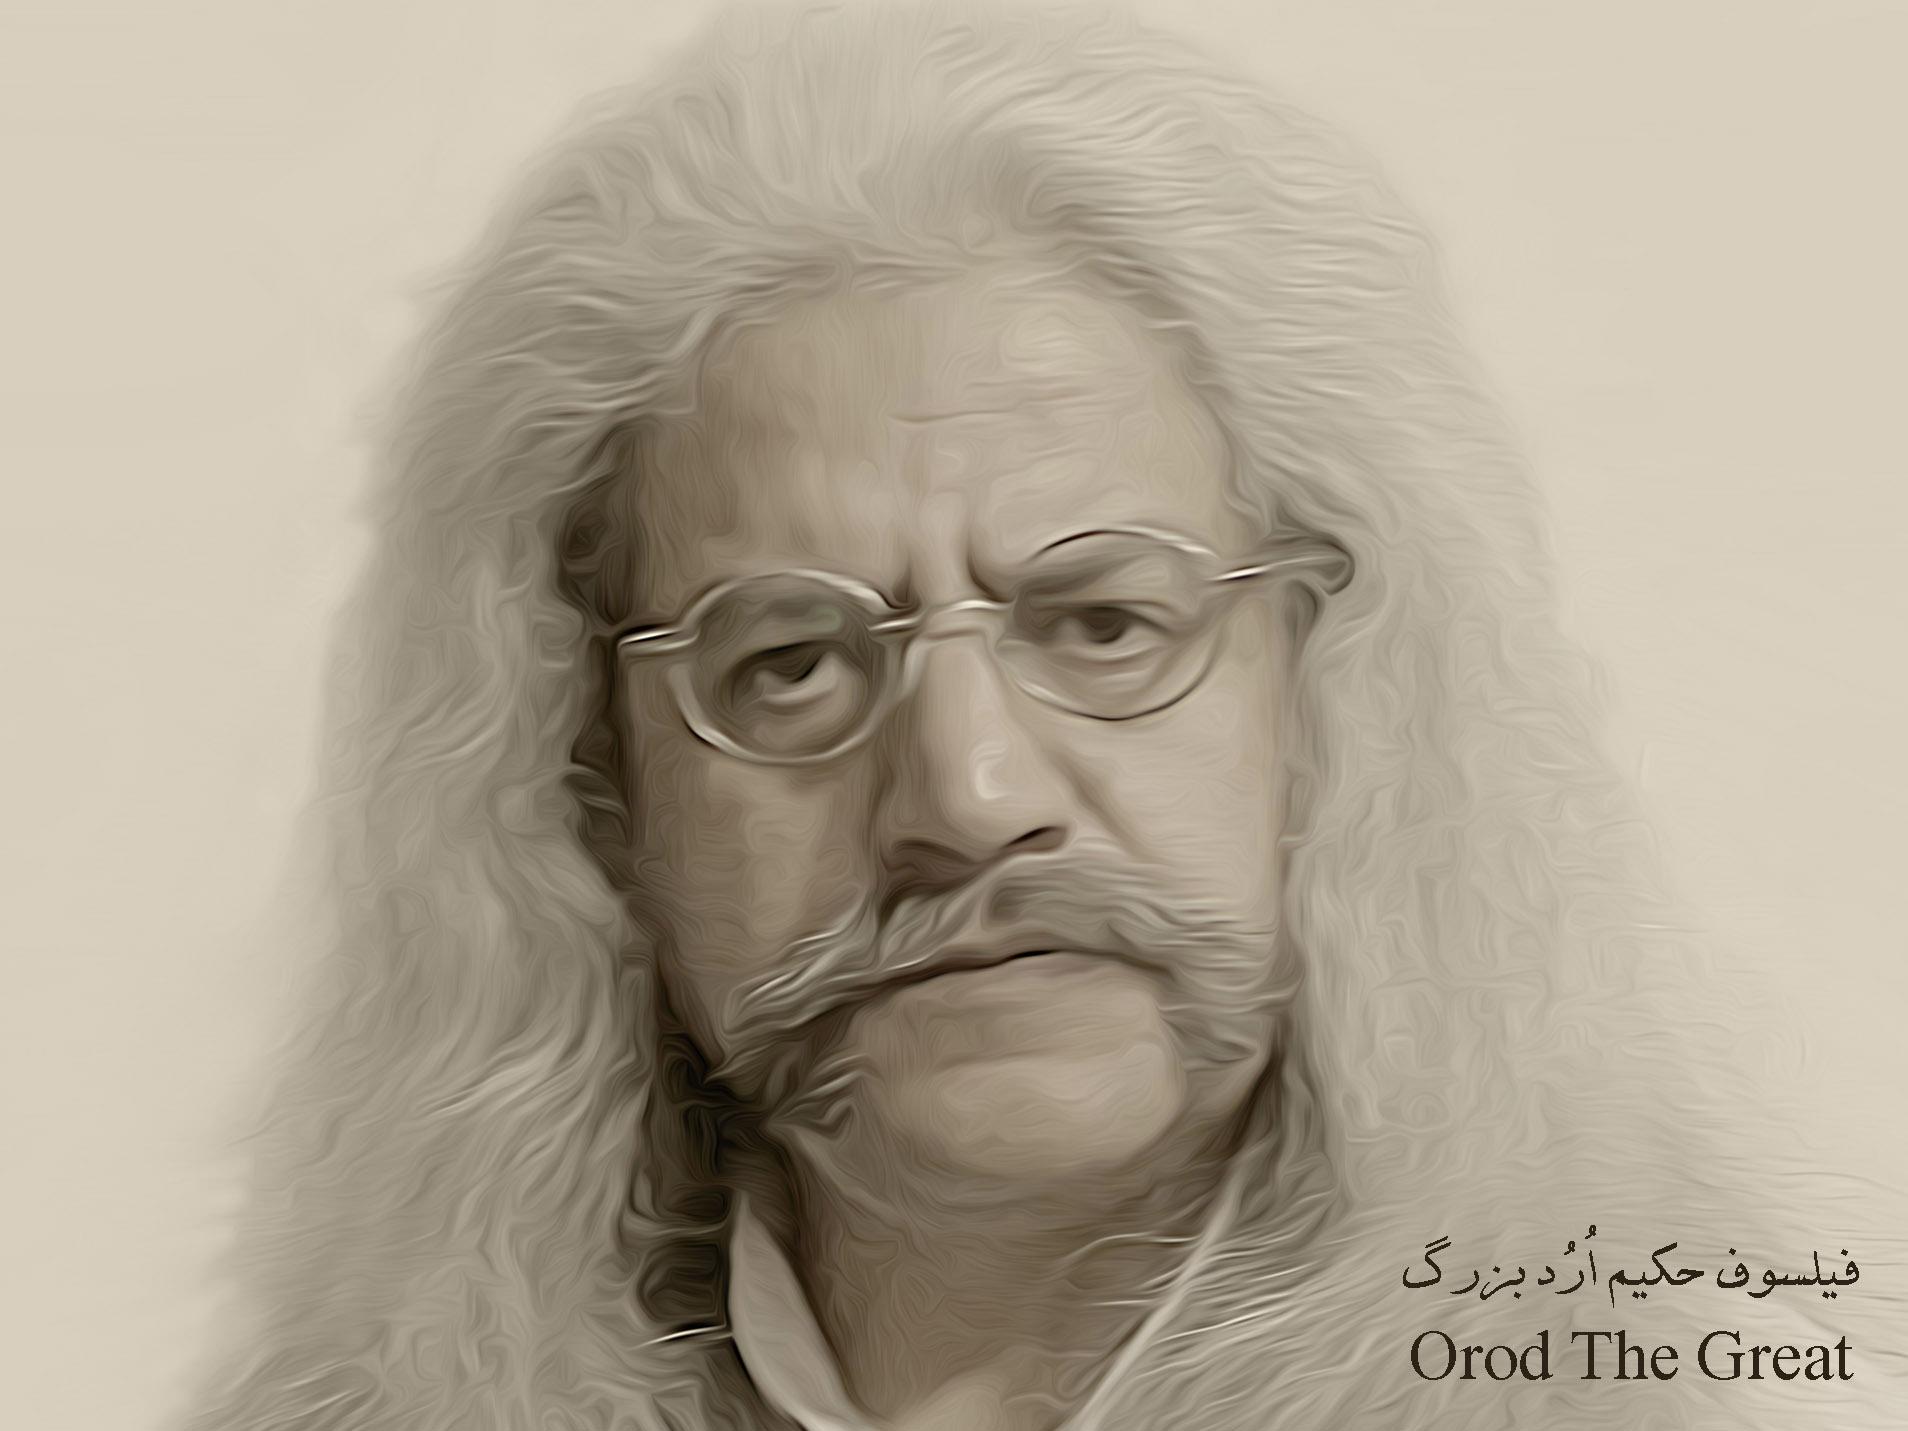 بزرگترین فیلسوف جهان , بزرگترین فیلسوف دنیا , بزرگترین فیلسوف معاصر جهان , orod the great, بزرگترین فیلسوف حال حاضر جهان